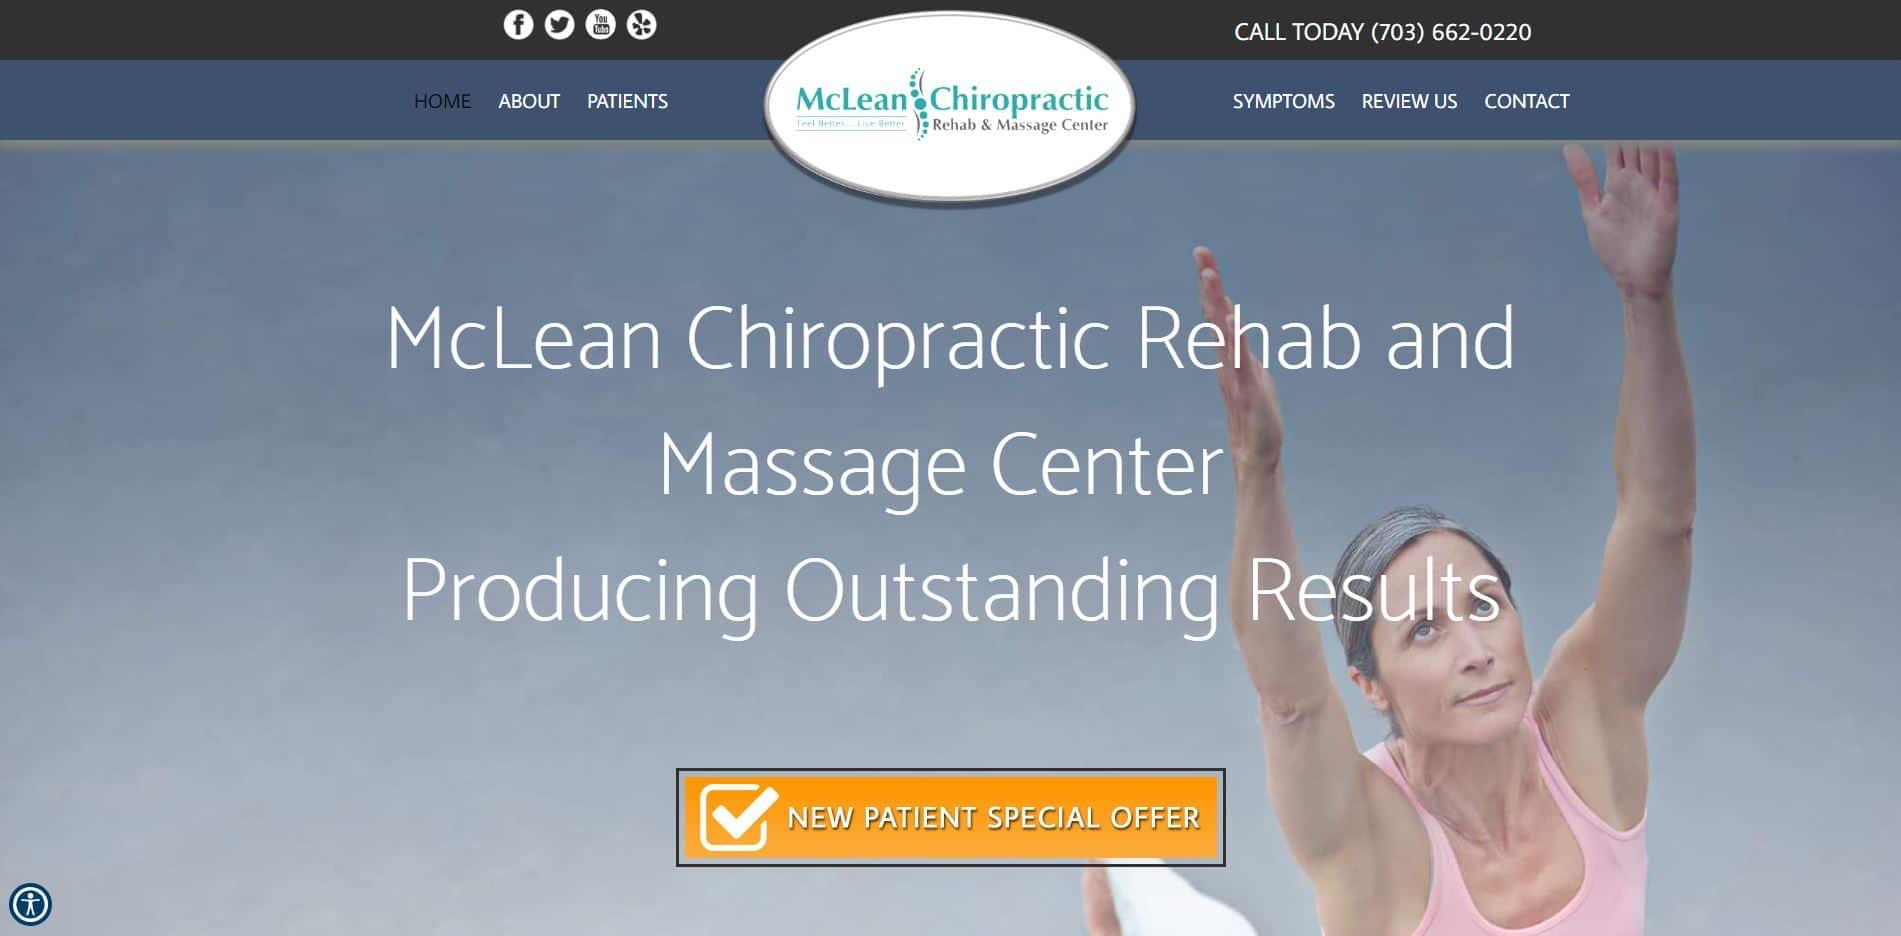 Chiropractor in McLean